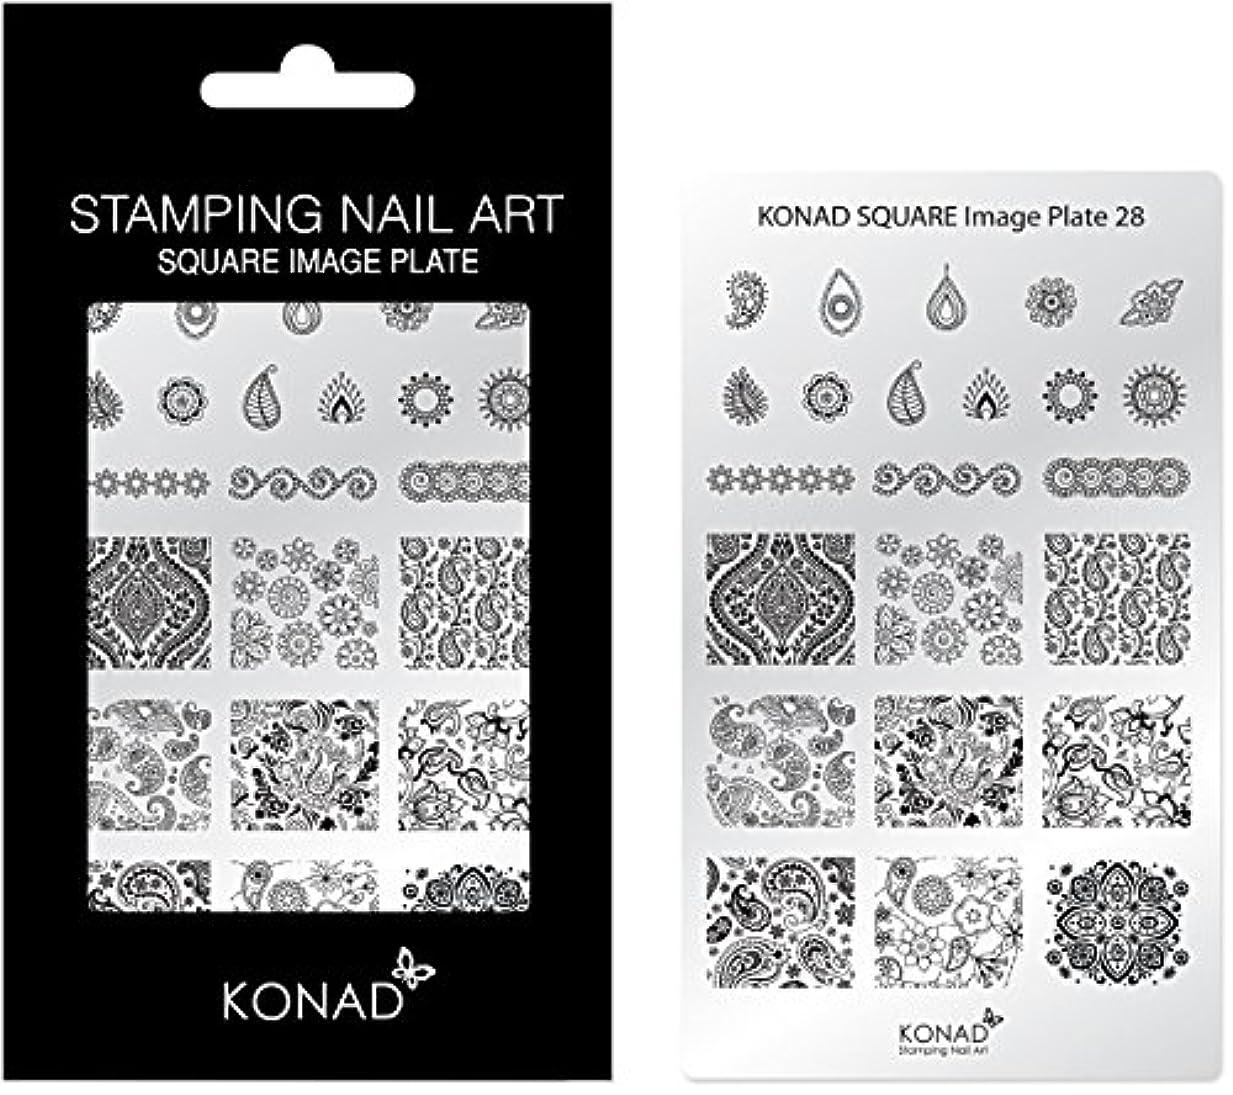 磁石光沢のあるフレアKONAD コナド スタンピングネイルアート専用 スクエアイメージプレート 28 ペイズリー